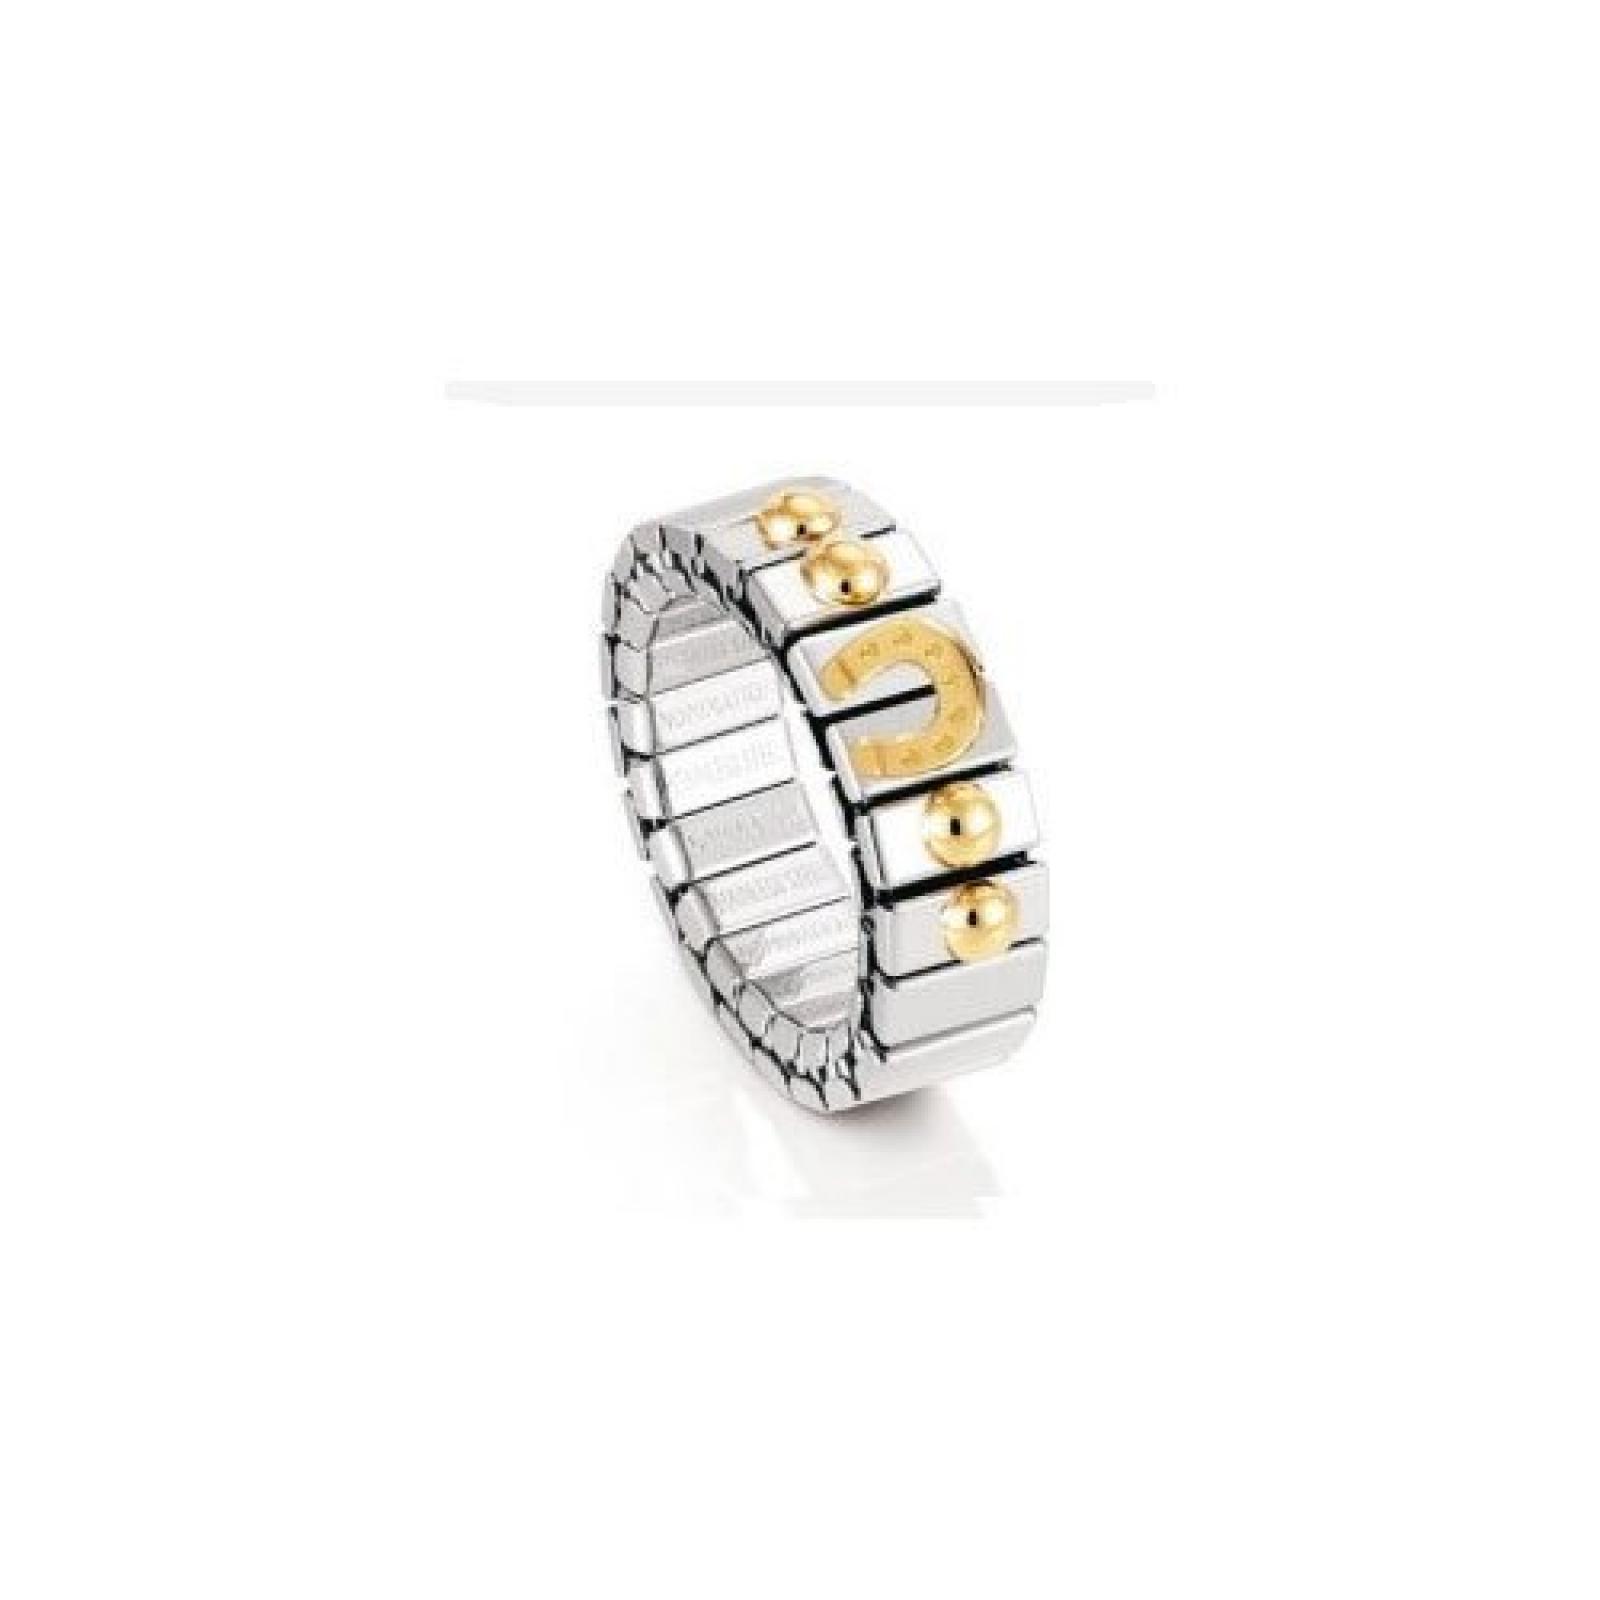 Nomination Damen-Ring /A Klein Mit 1 Symbol Hufeisen Ring größe variabel 040003/017